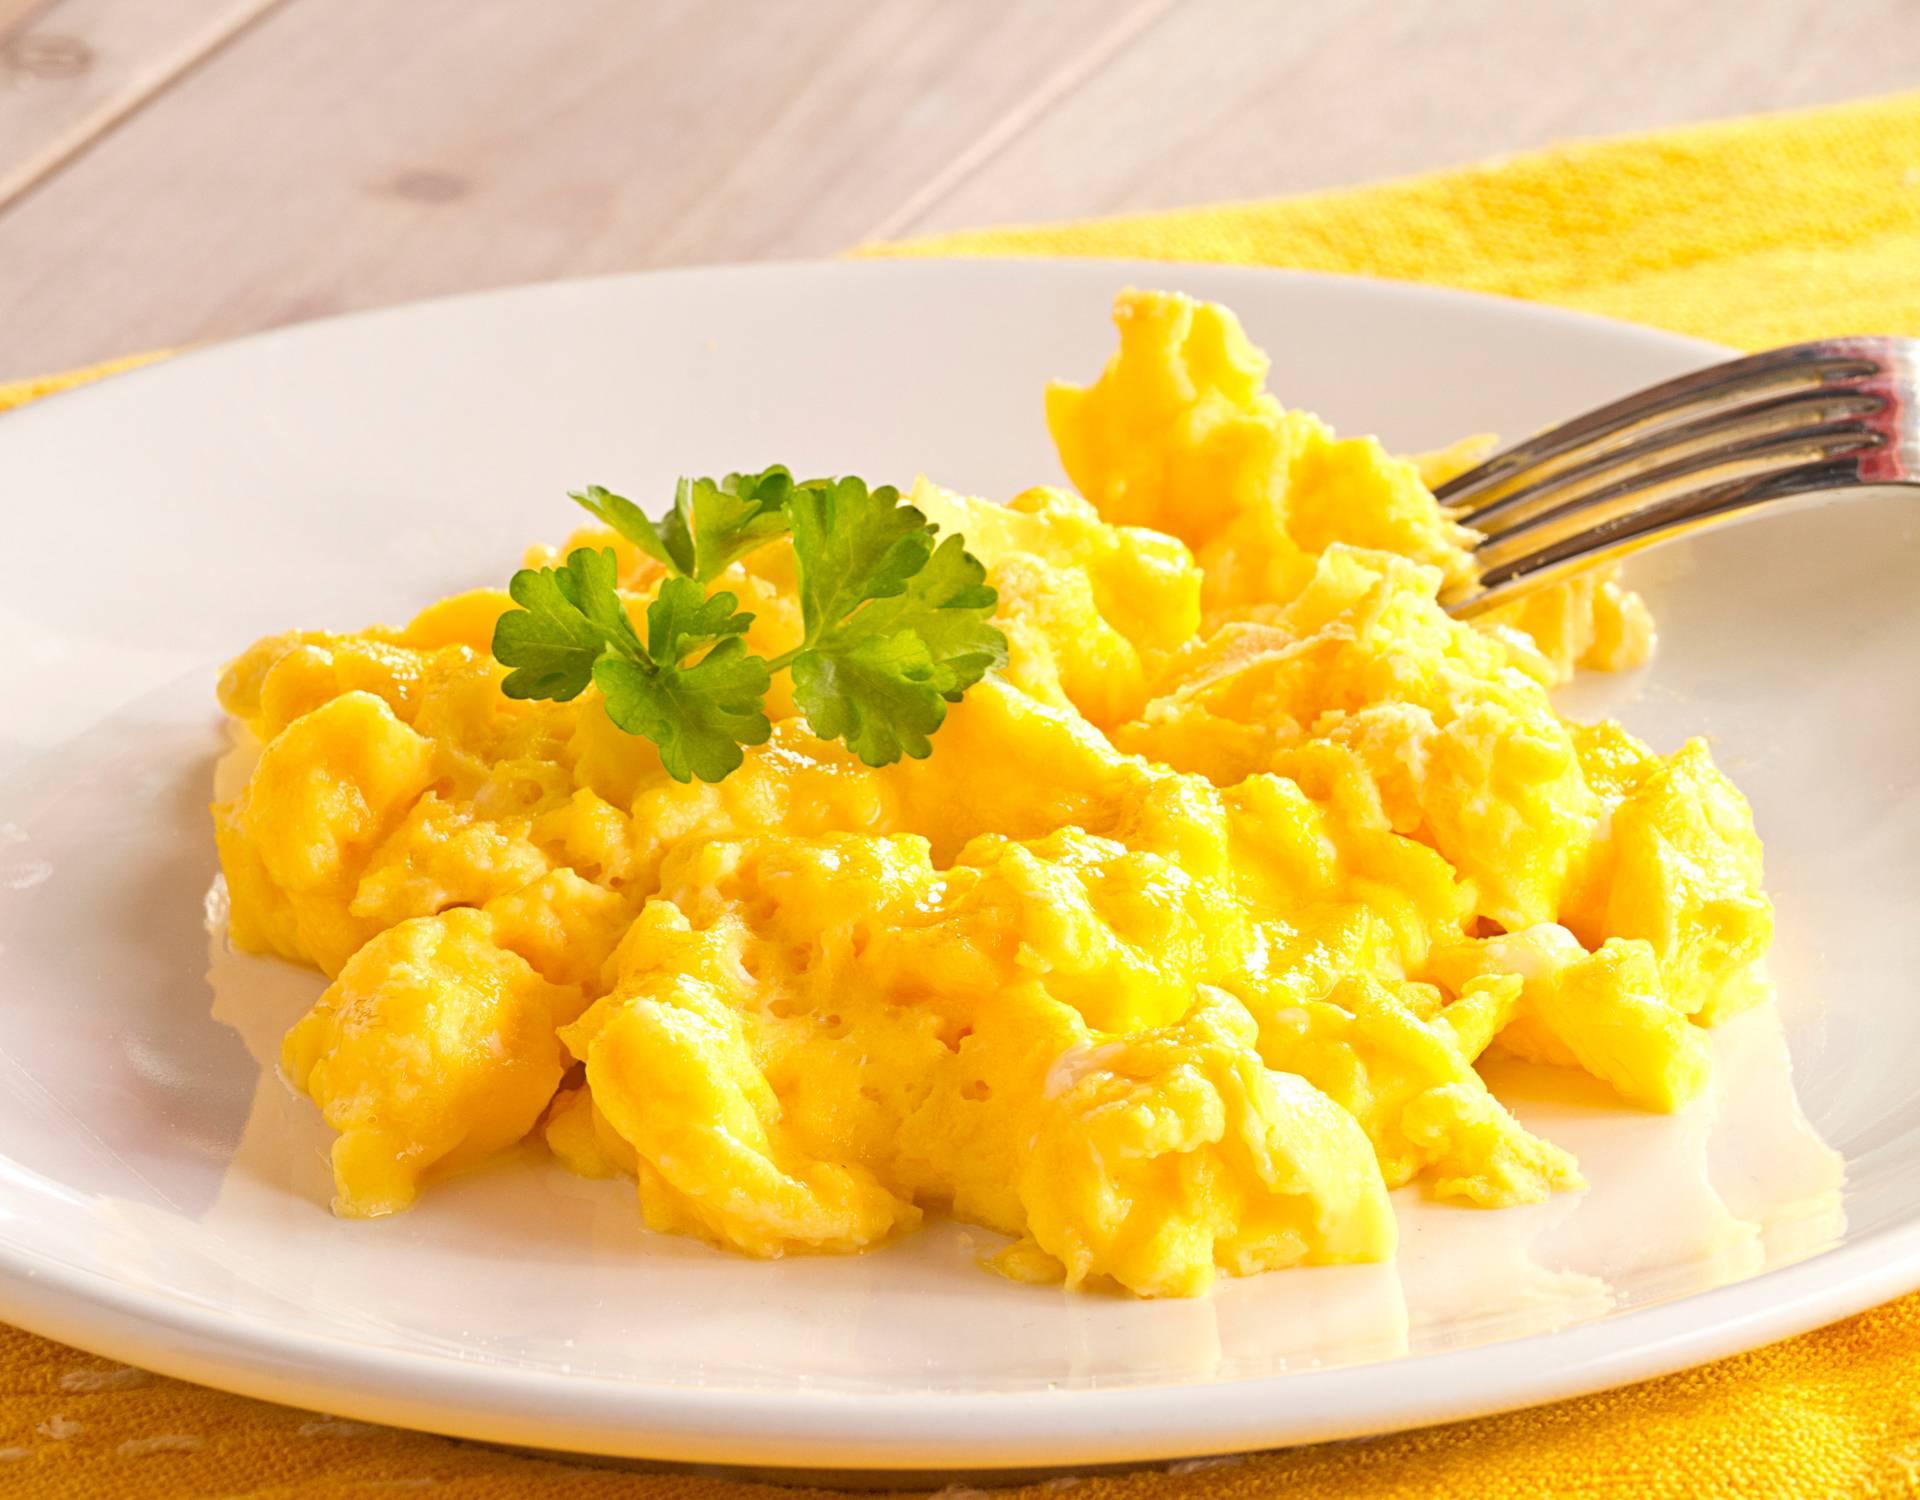 Najbolji trikovi za pečena jaja: I kajgana može biti specijalitet!